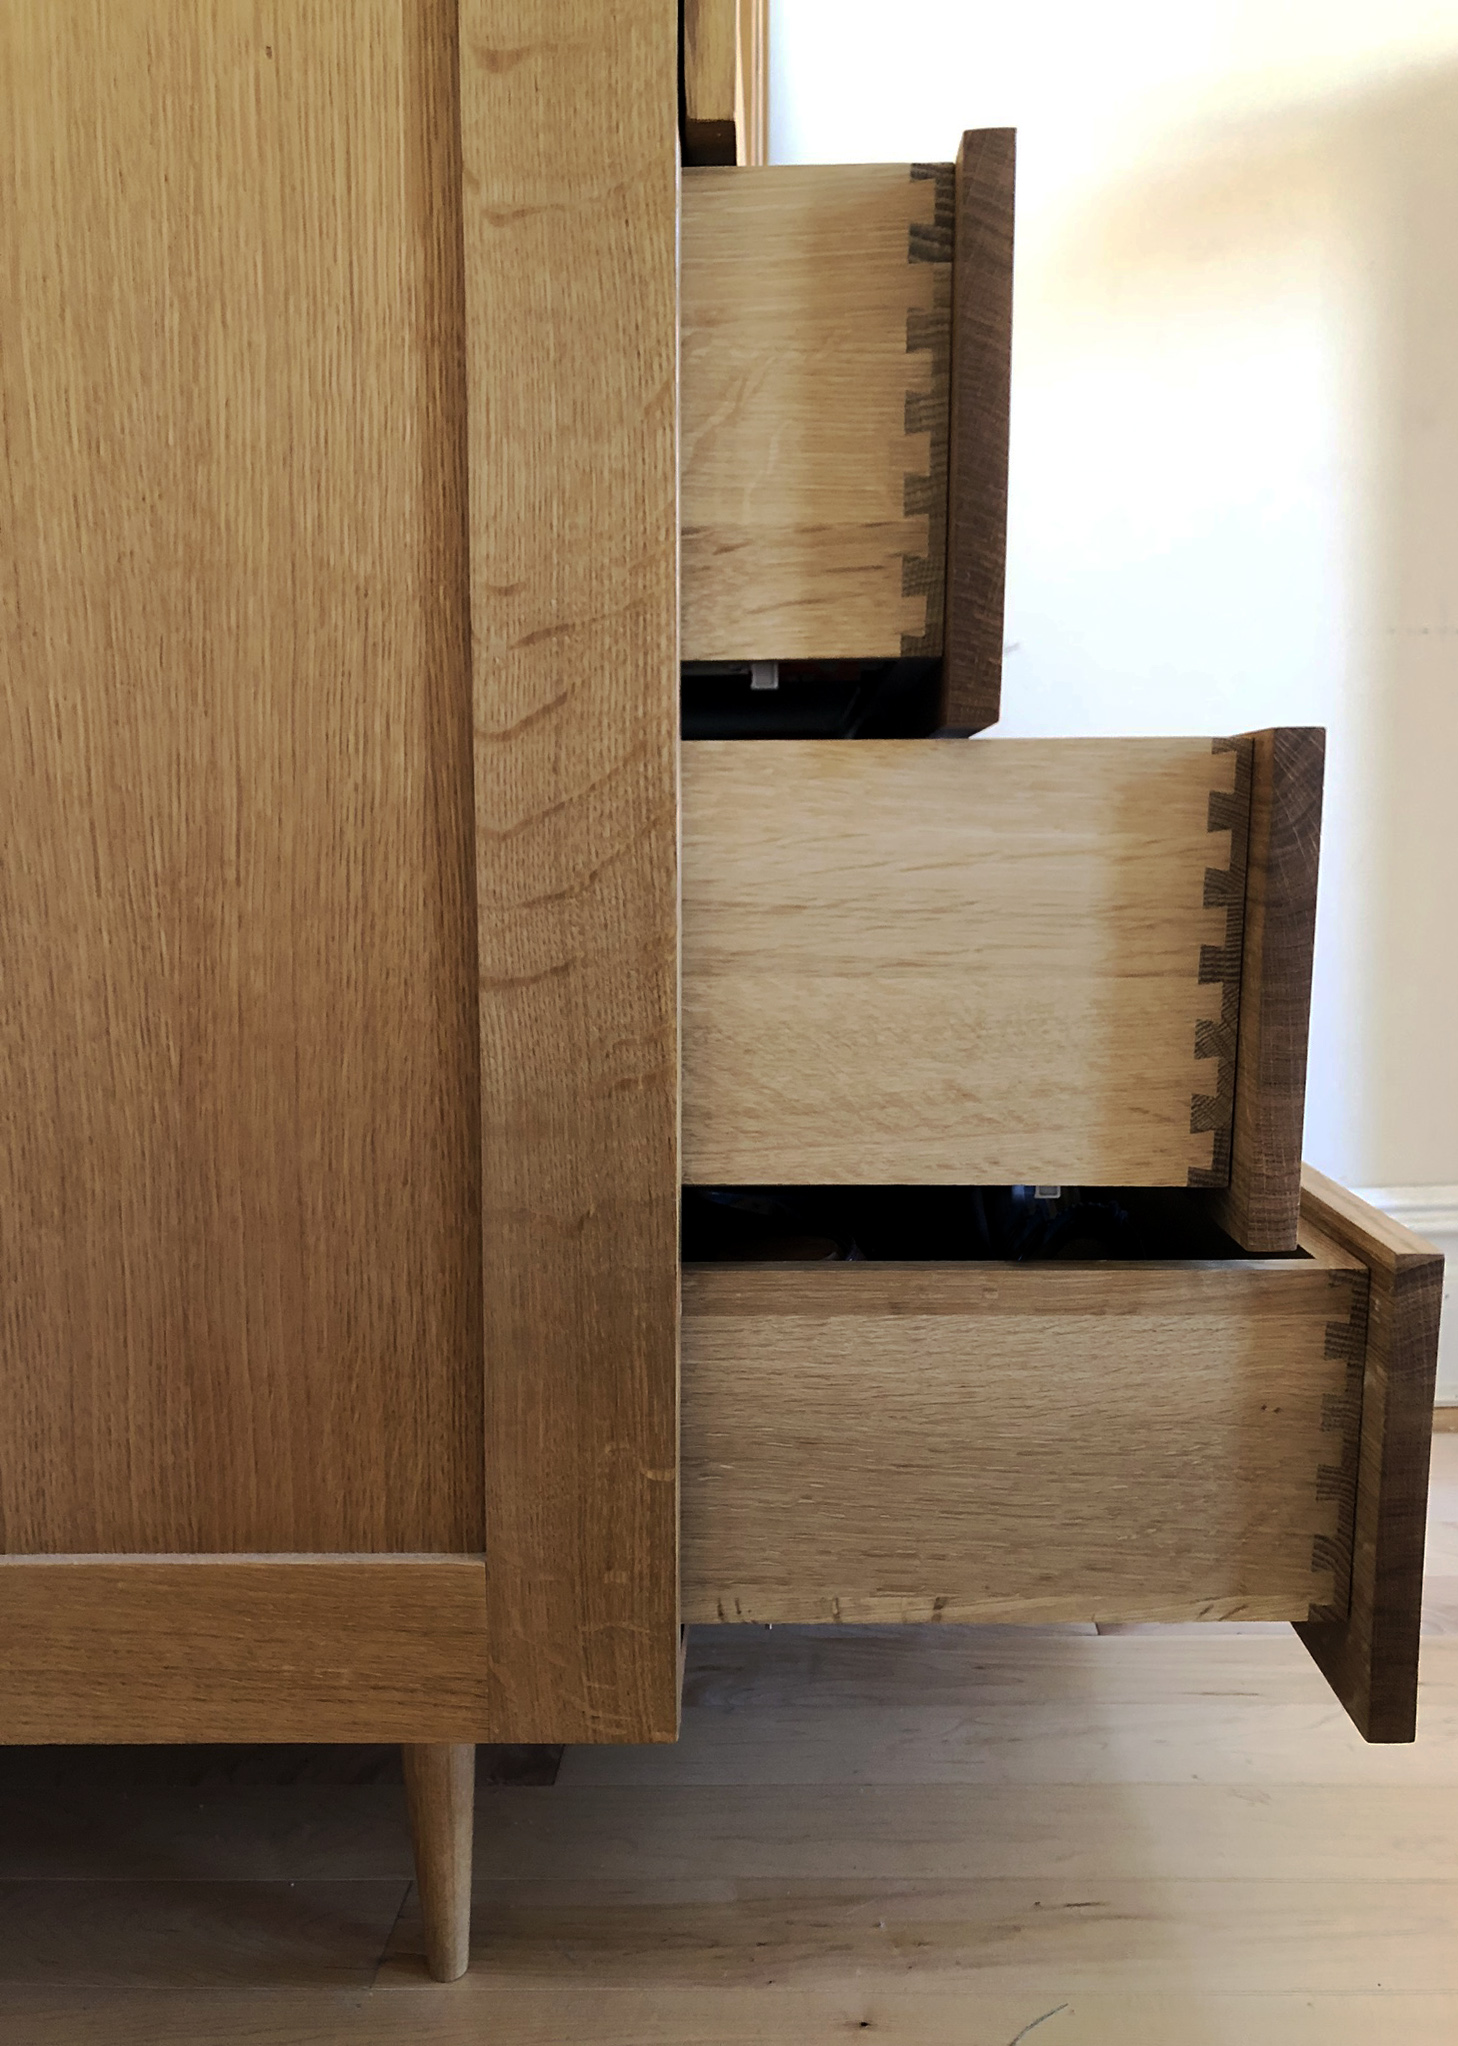 quartersawn white oak armoire drawers.jpg